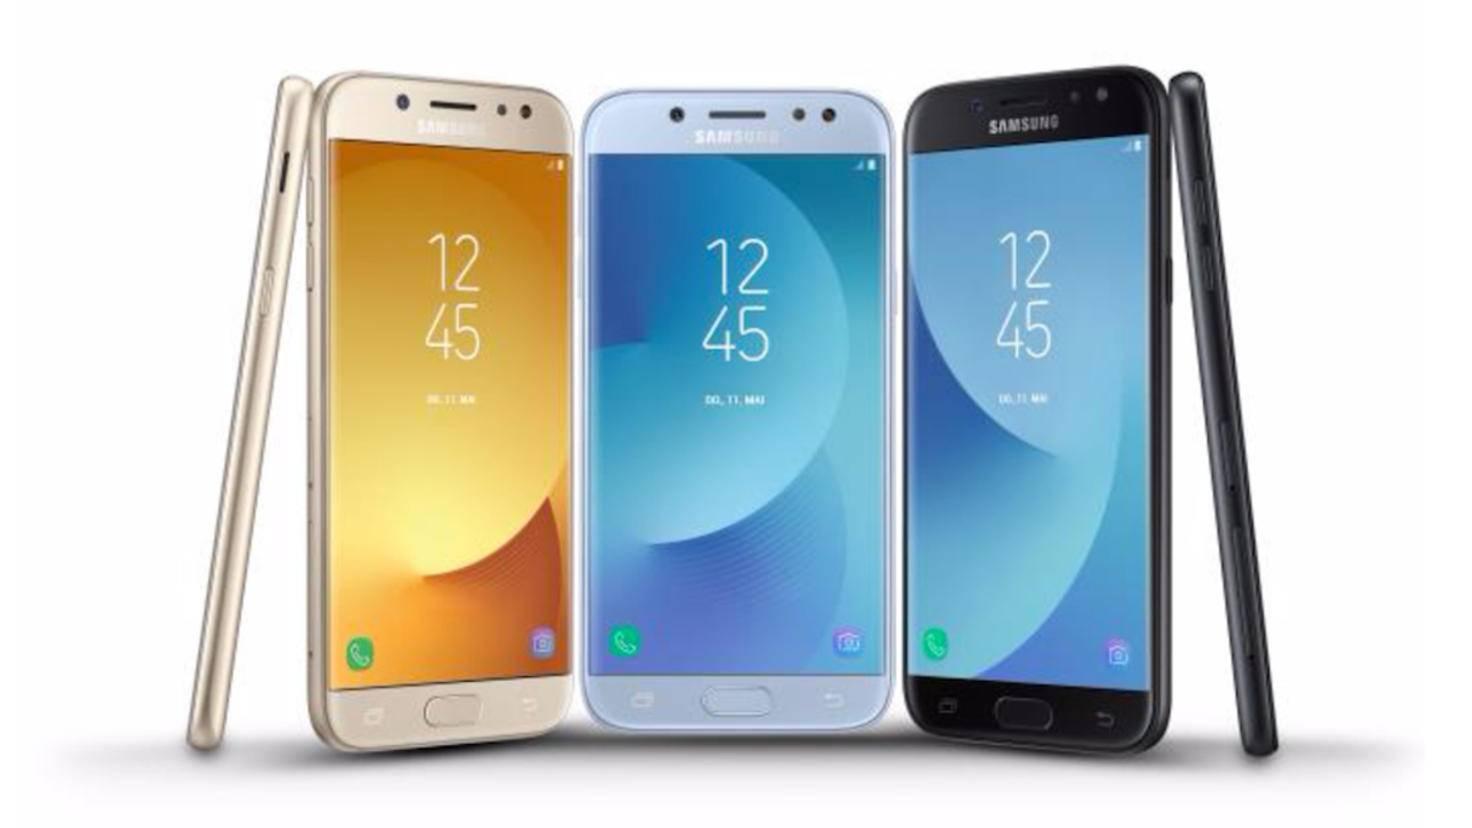 Samsung Galaxy J 2017